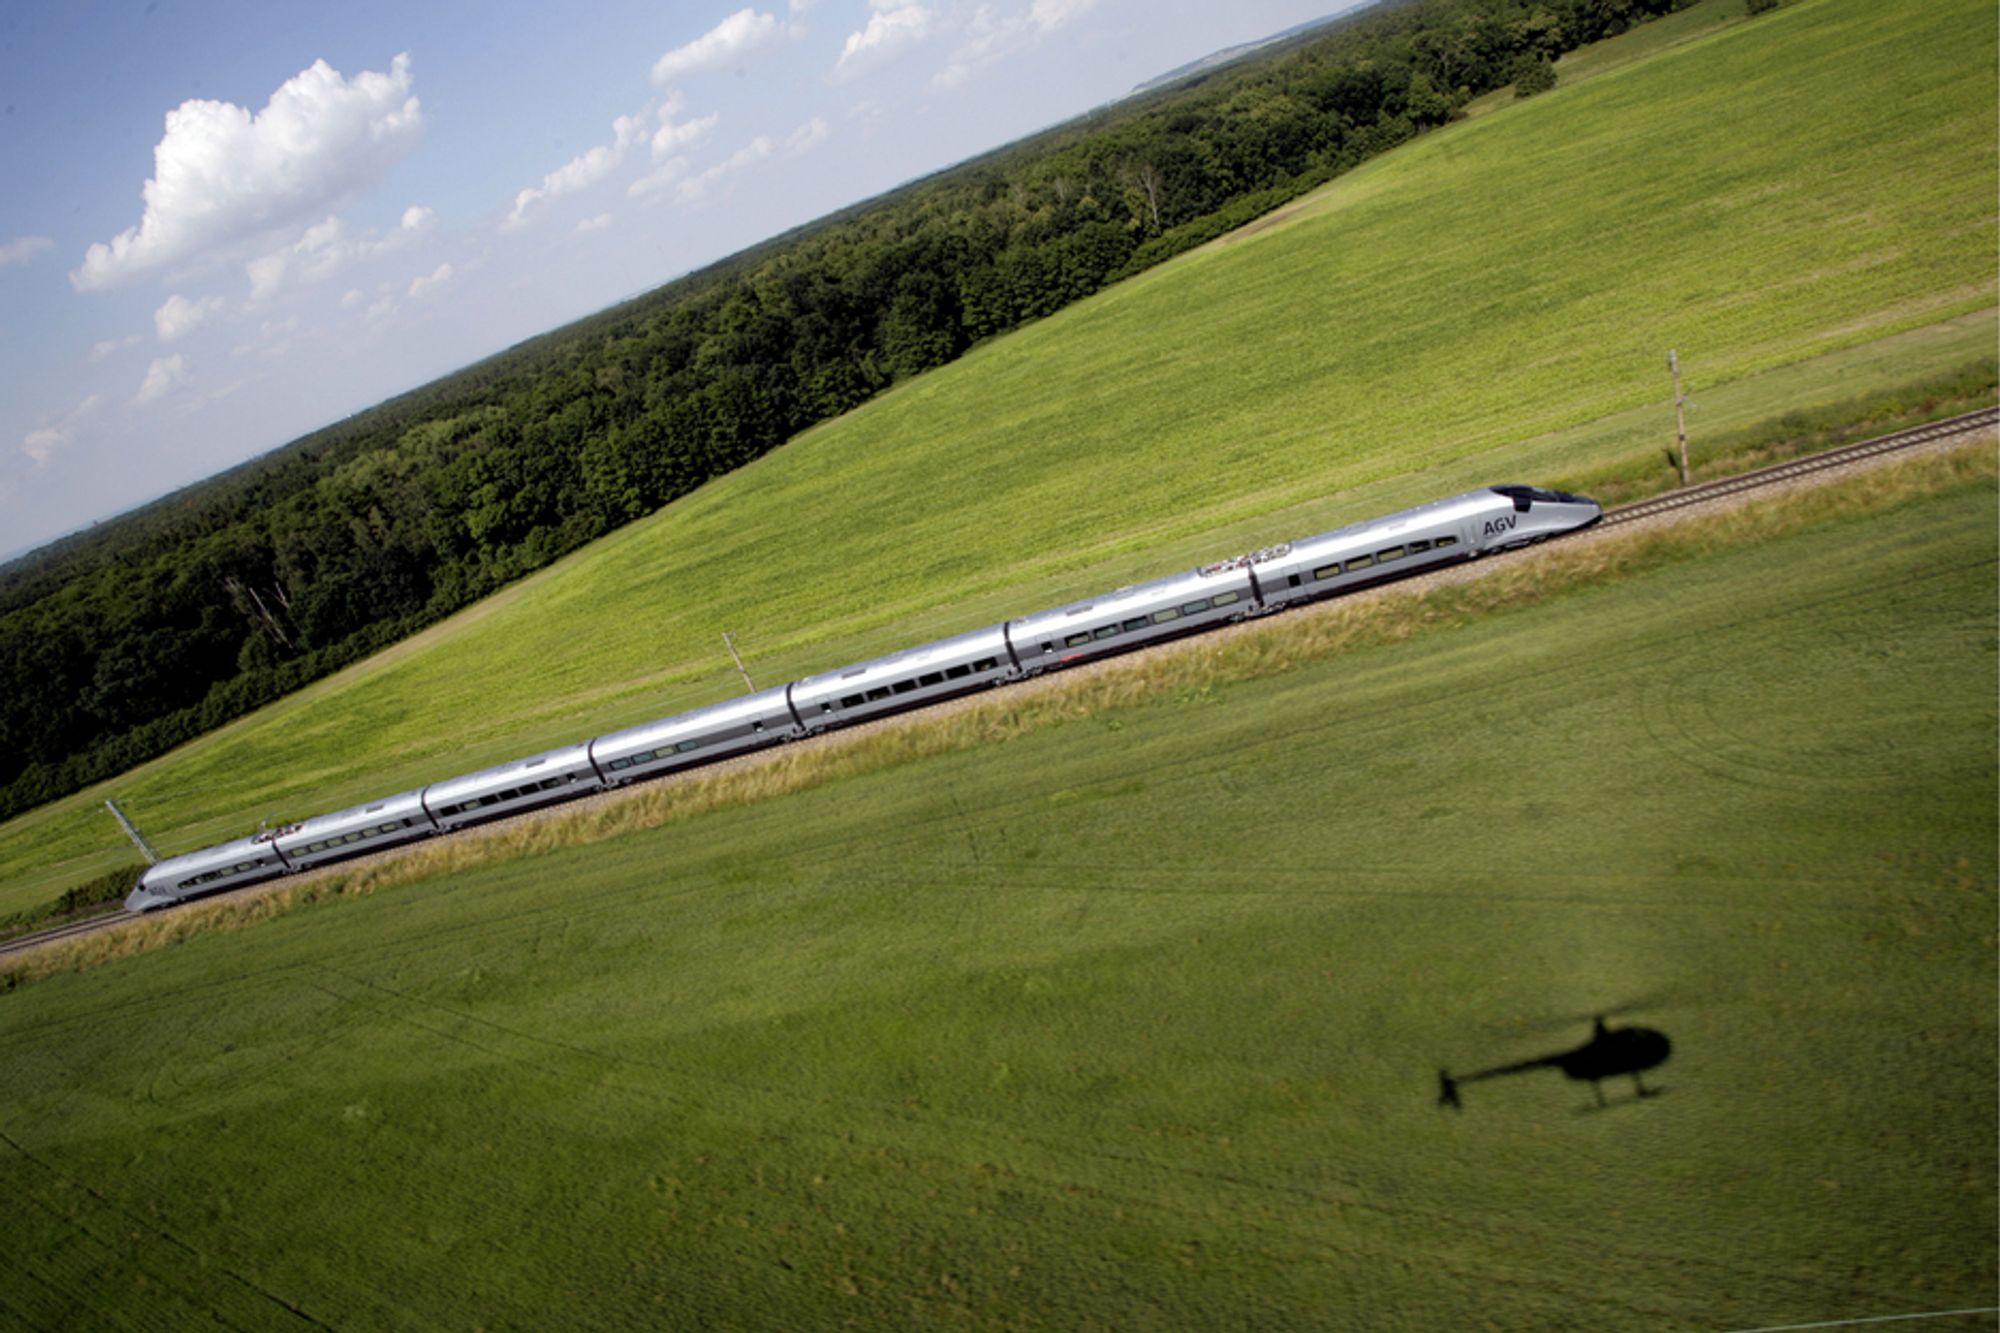 SUPERTOGET: Det nye AGV-toget til Alstom skal settes i kommersiell drift  tidlig neste år. I løpet av et par år vil det italienske selskapet NTV har 25 slike tog, og de har oppsjon på ti til.